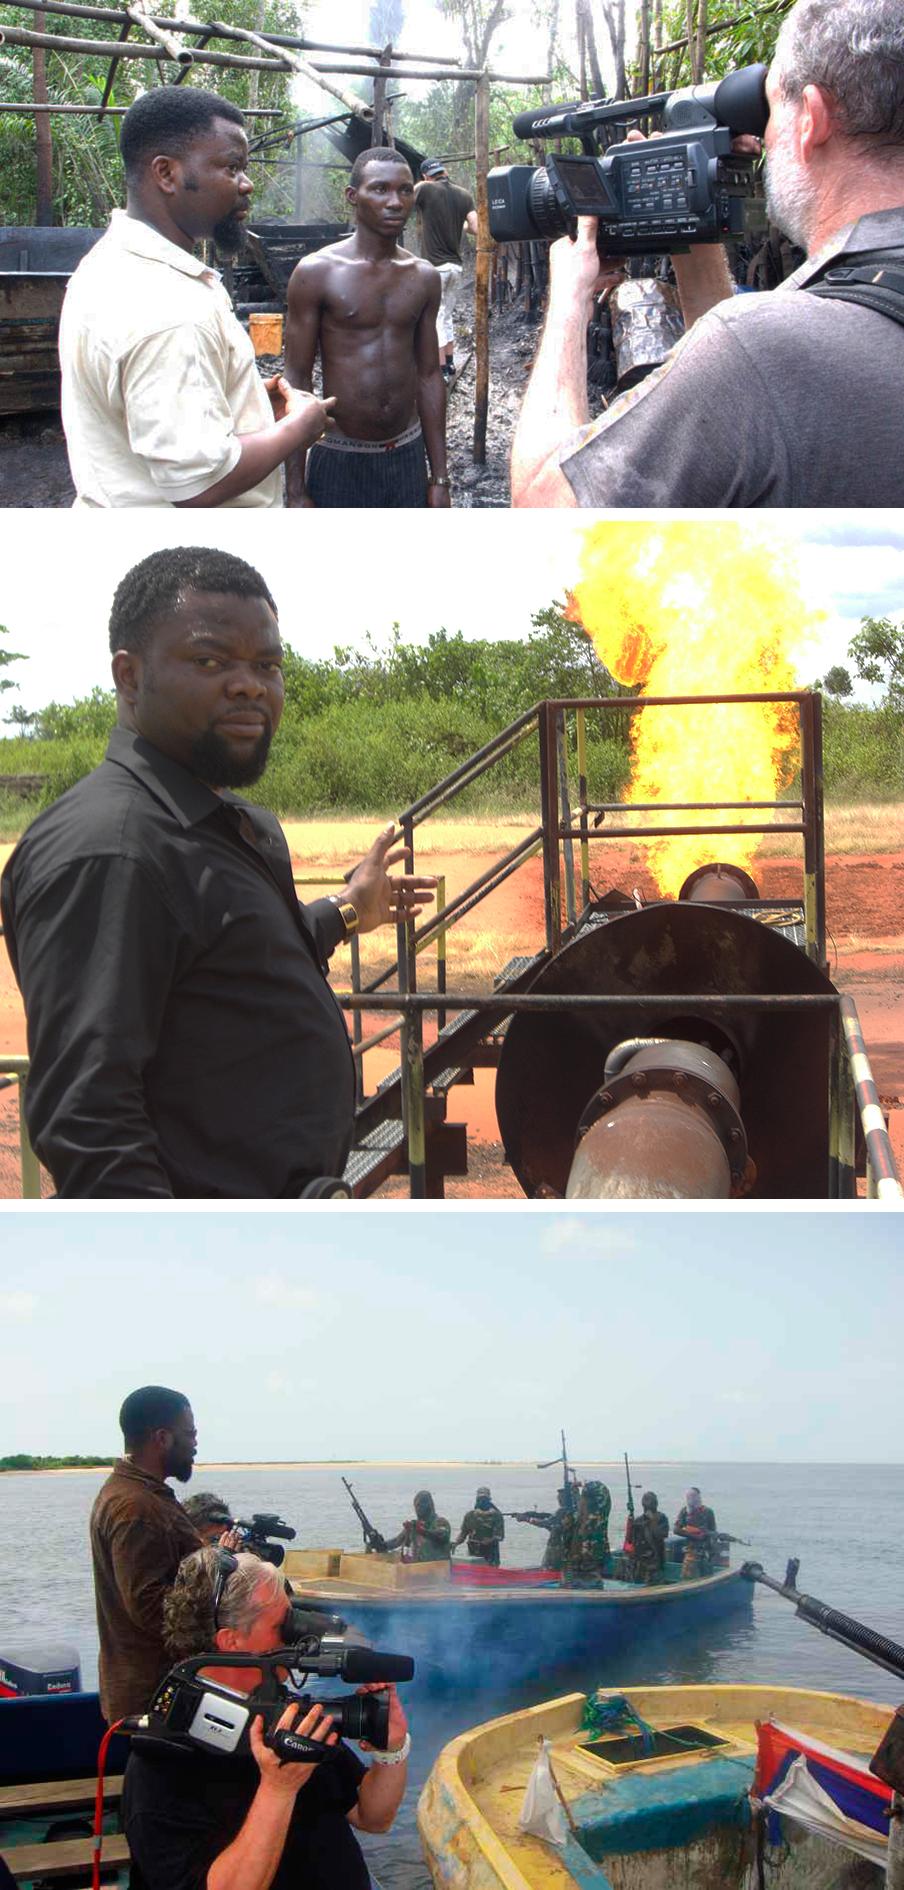 Sunny Ofehe leidt documentairemakers rond door de Nigerdelta. Foto's uit het privé-archief van Sunny Ofehe